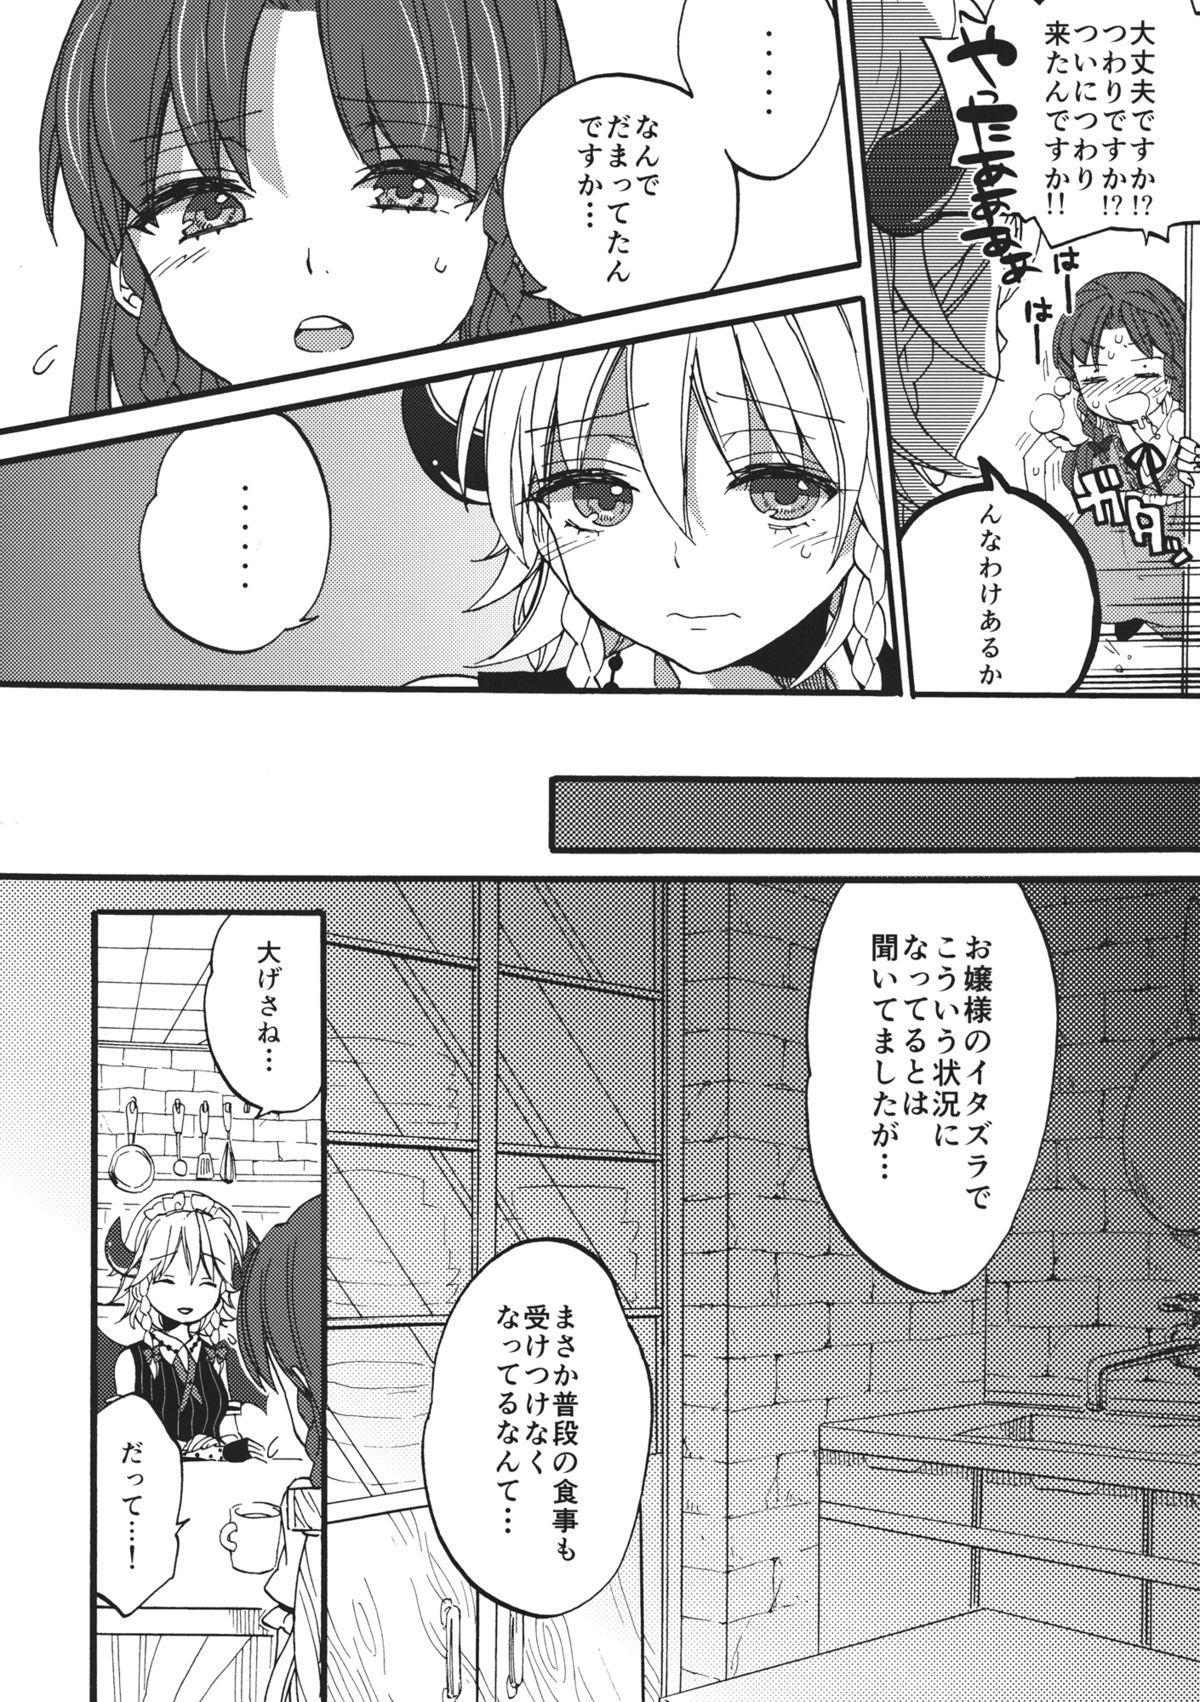 Totsuzen desuga, Sakuya-san niwa Seieki shika Nomenai Karada ni Natteitadakimashita. 7